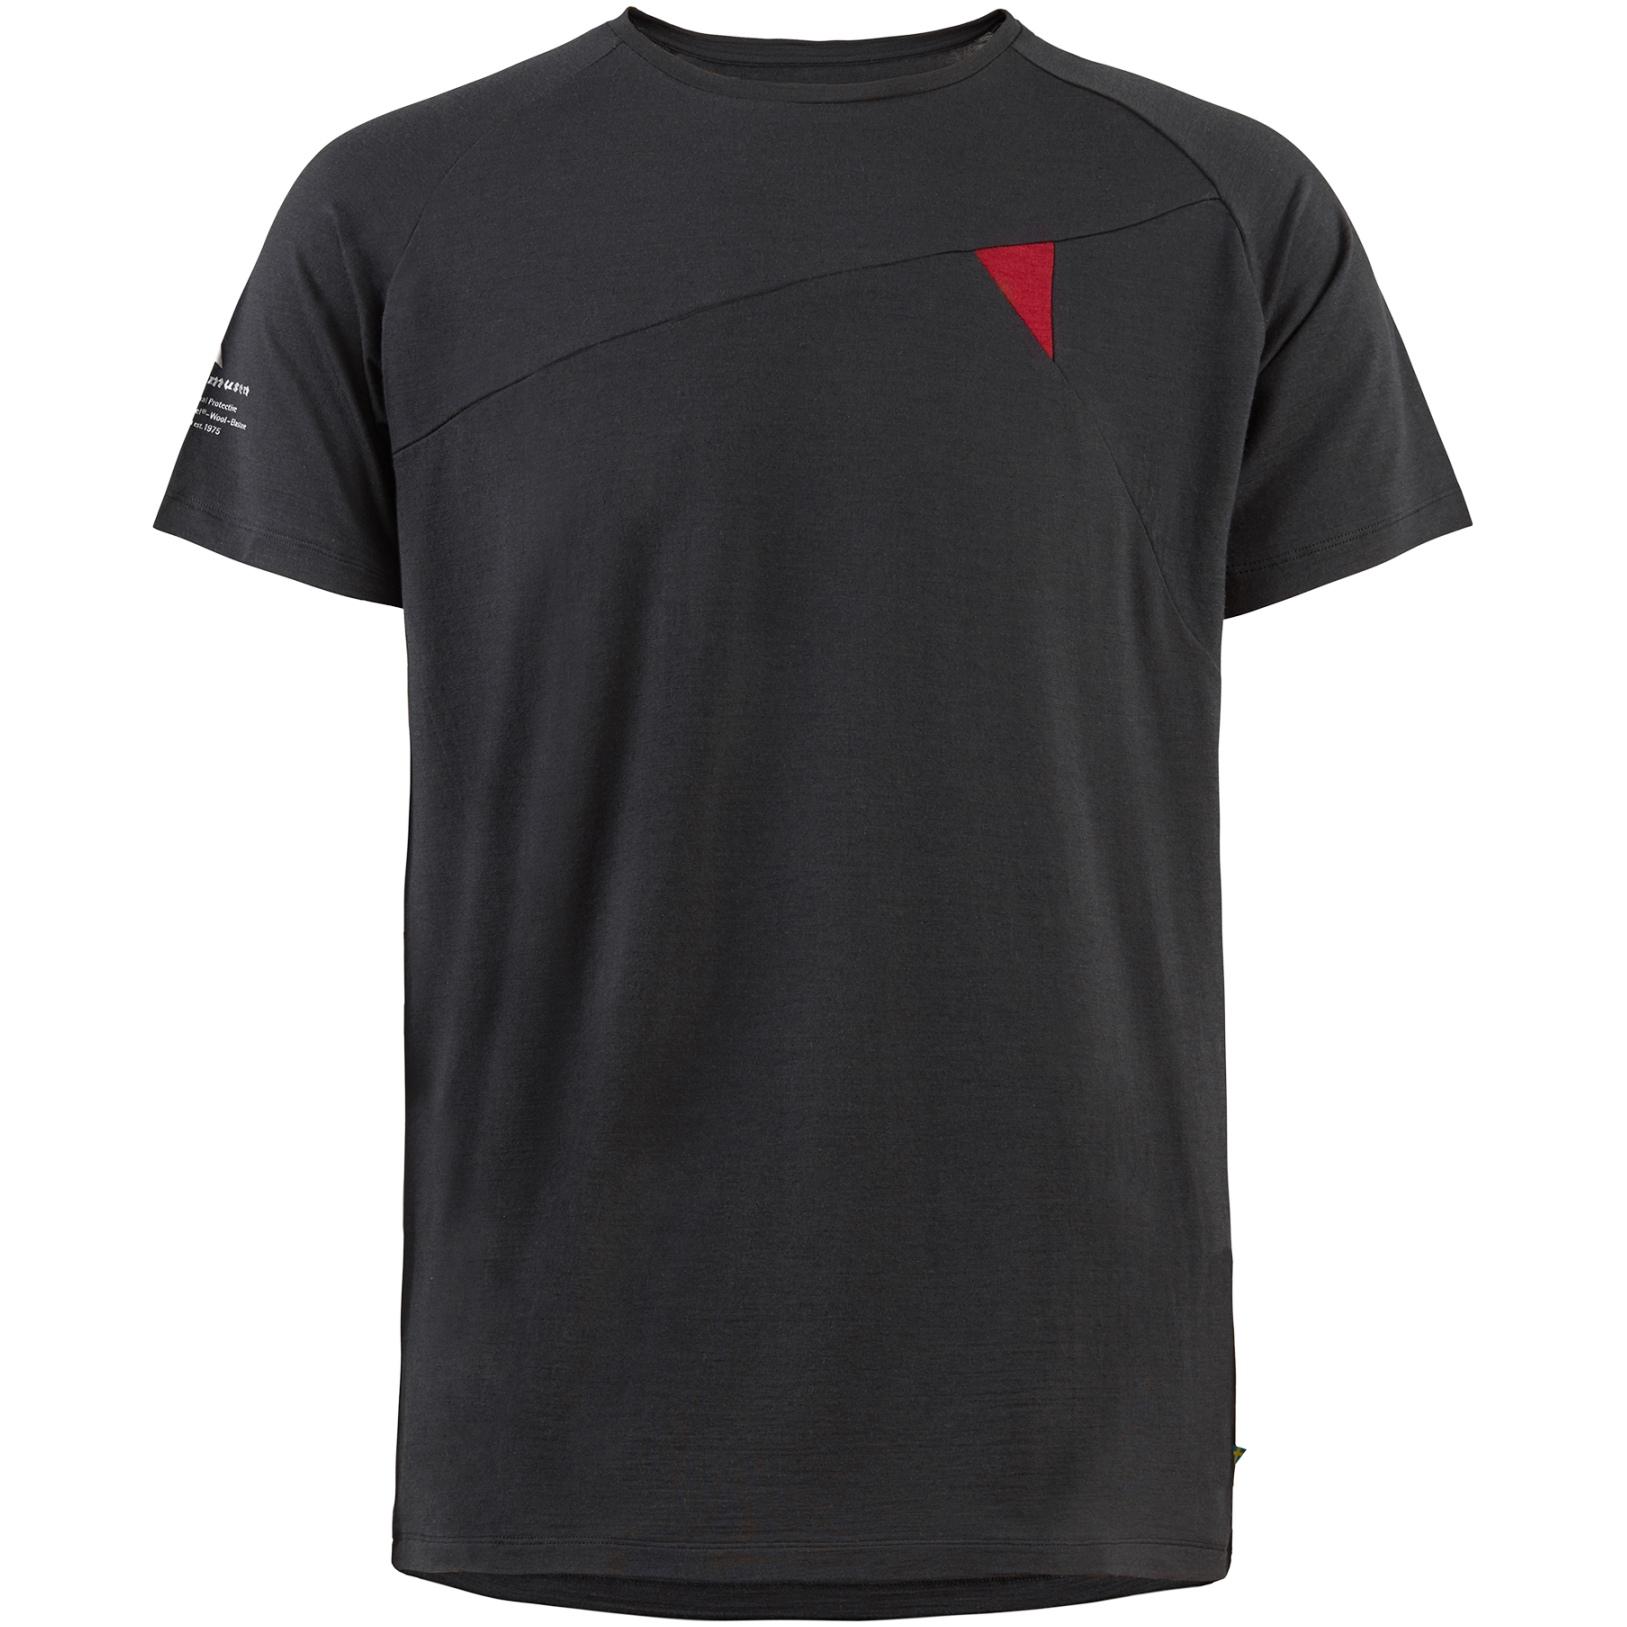 Klättermusen Fafne T-Shirt - Raven